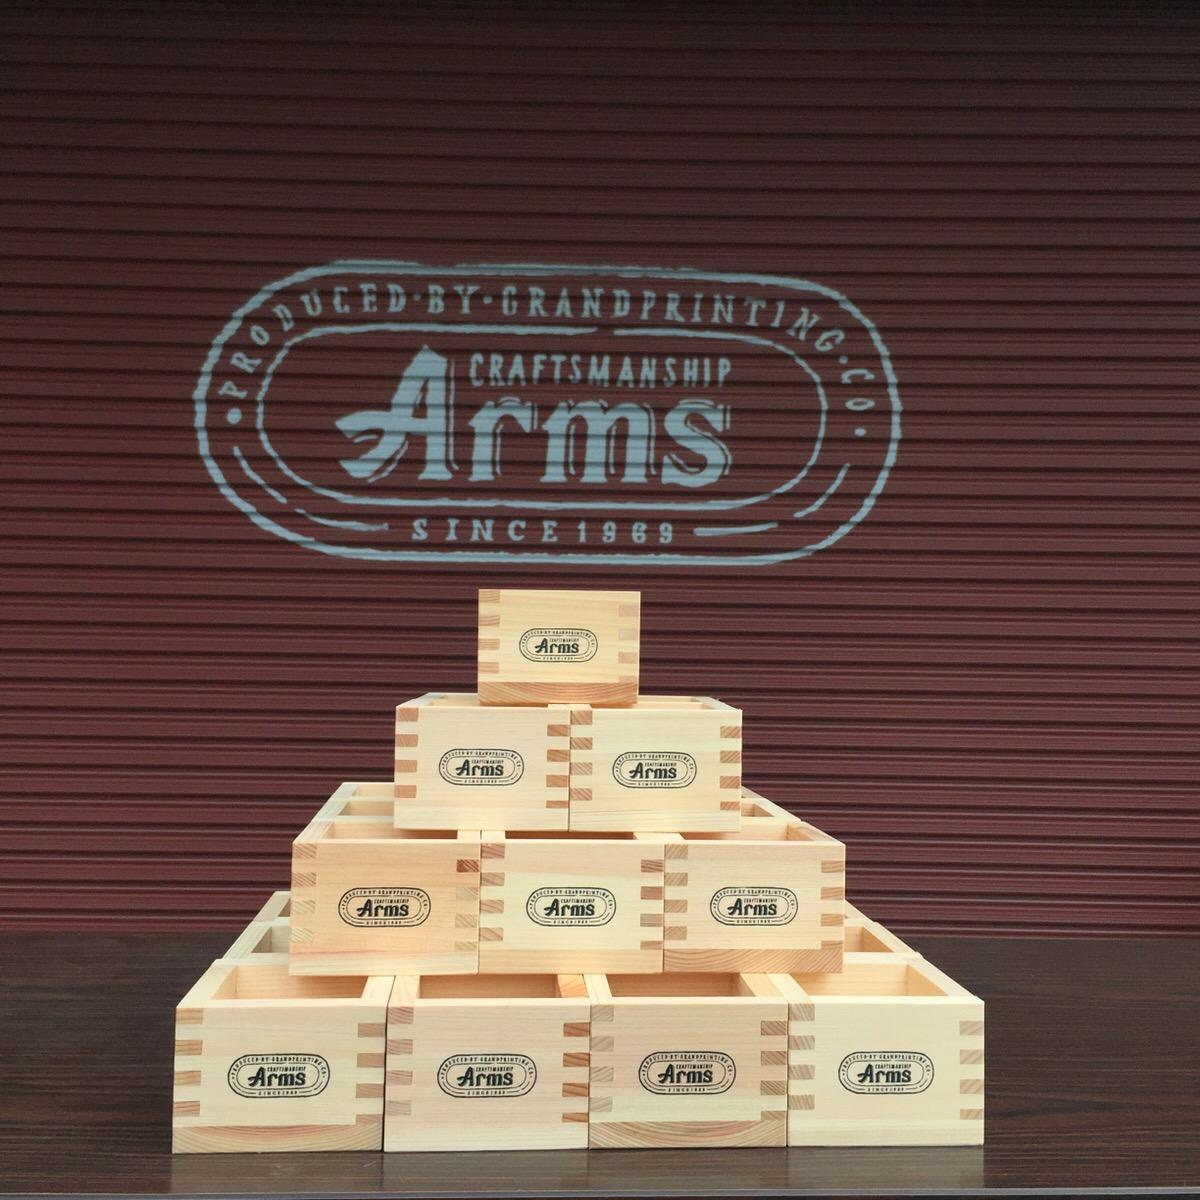 新工場完成 壁紙専用工場稼働開始 シルク印刷 リボードのグランド印刷